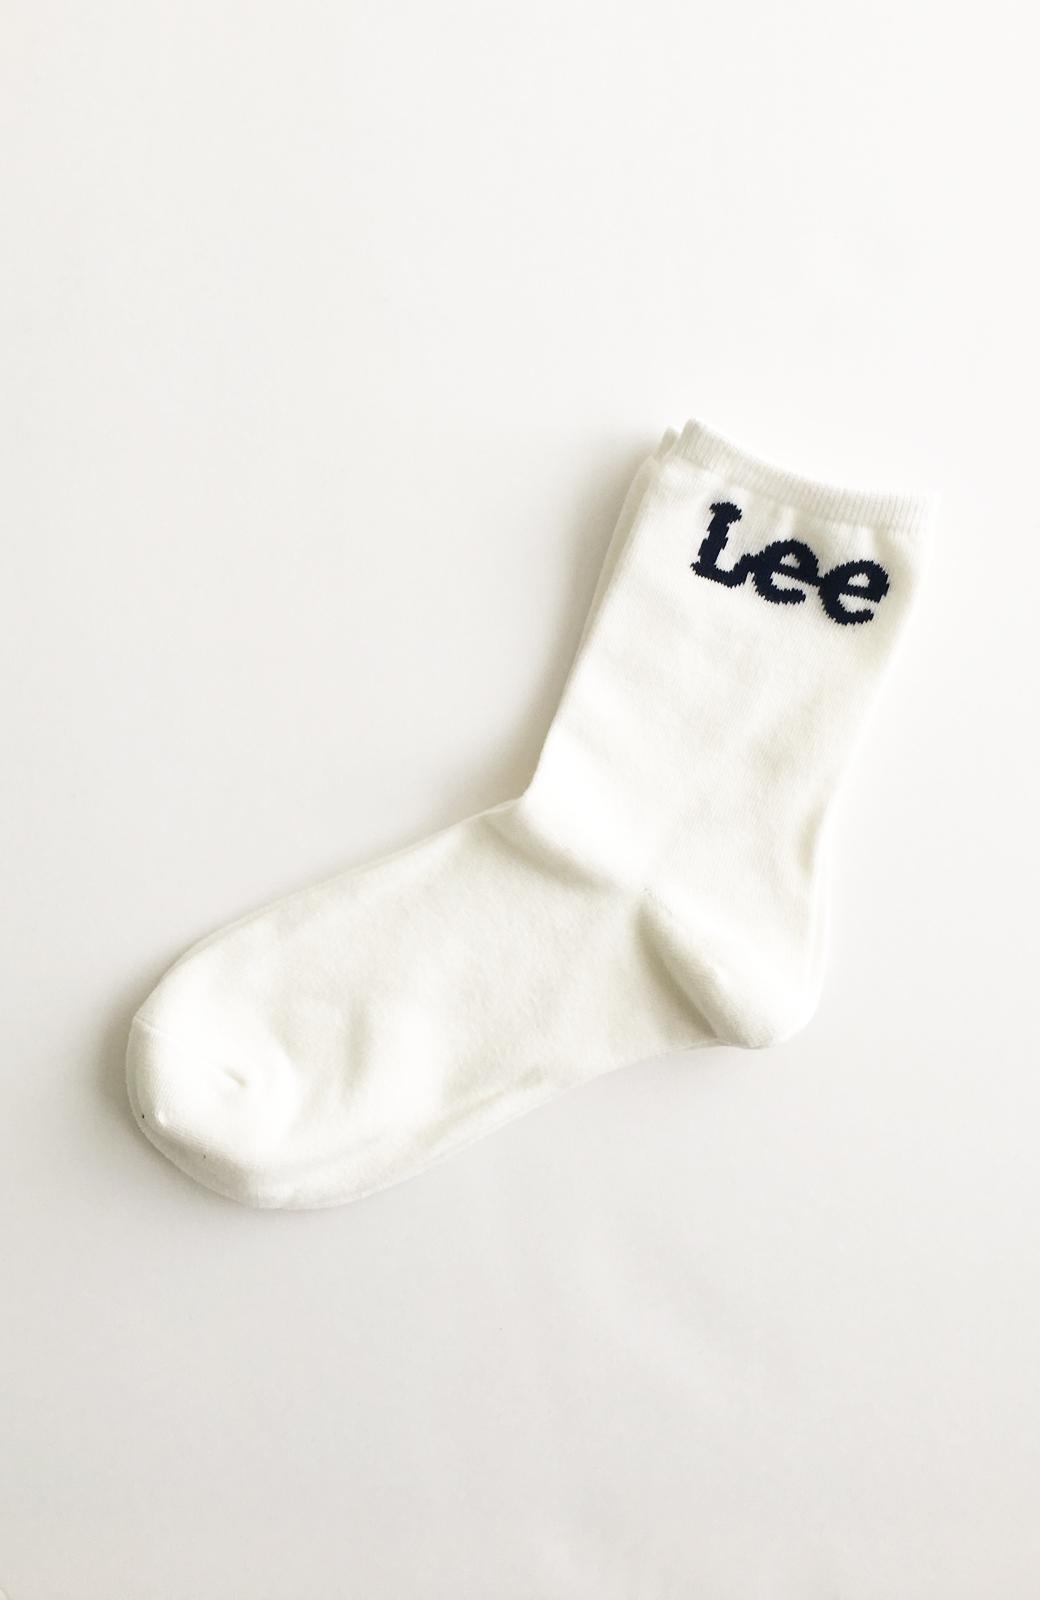 haco! Lee ロゴがかわいいハイカットソックス <ホワイト>の商品写真2